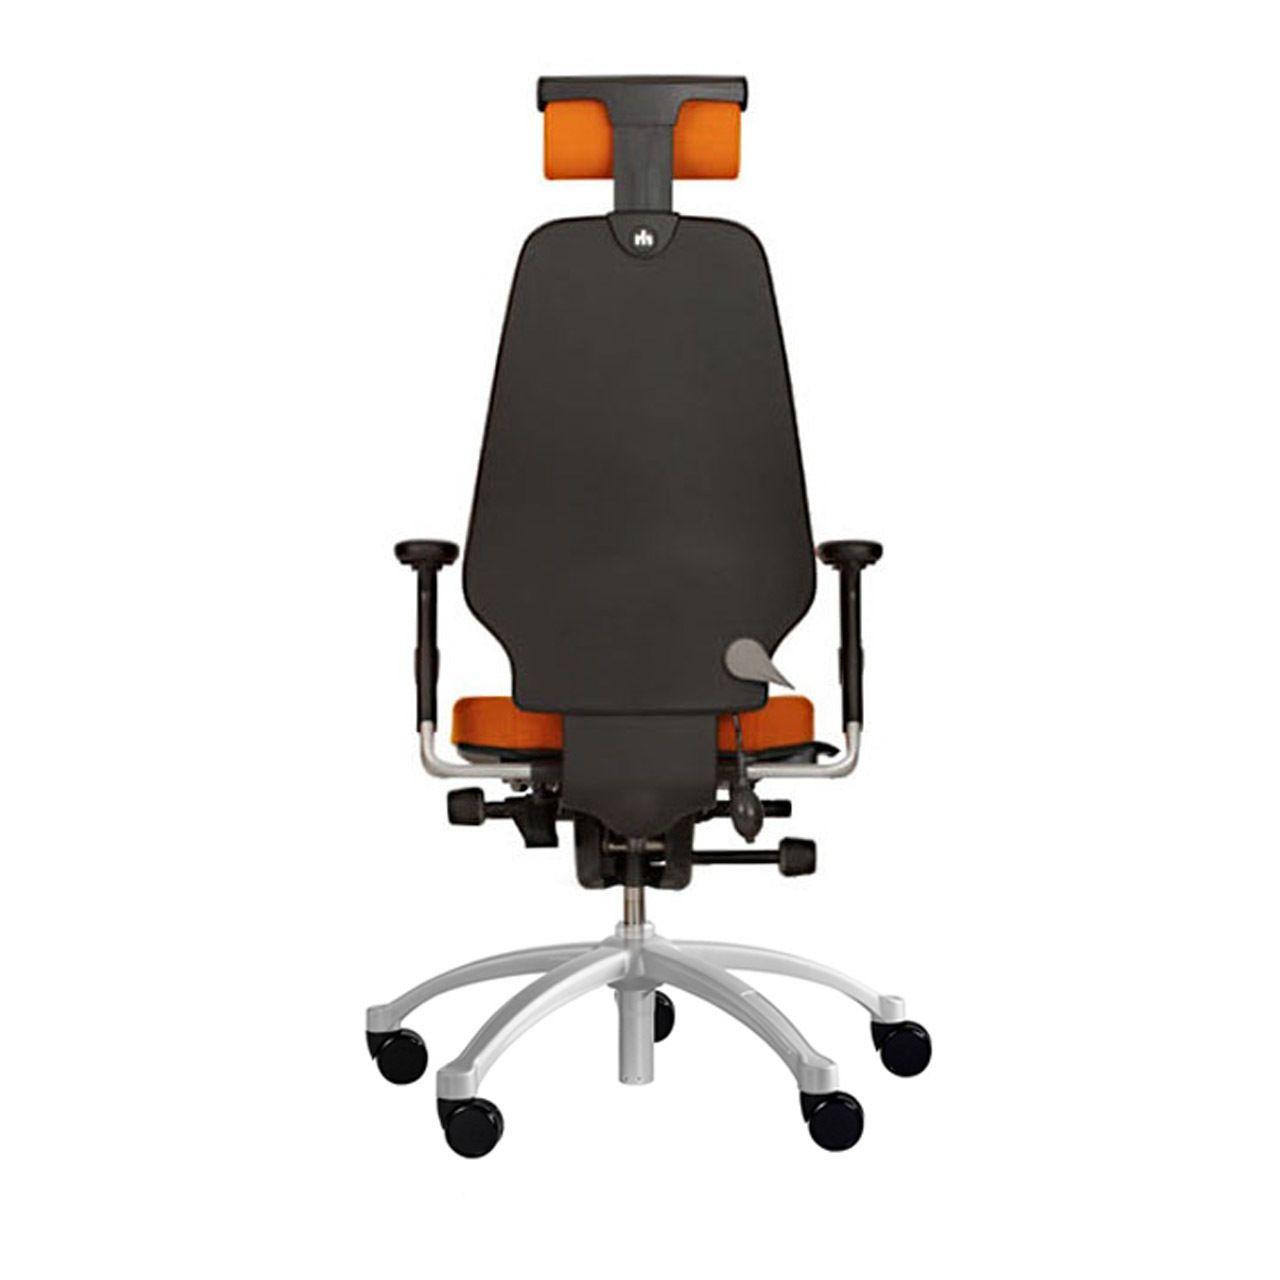 Bureaustoel Waar Op Letten.Rh Logic 400 Ergonomische Bureaustoel Health2work